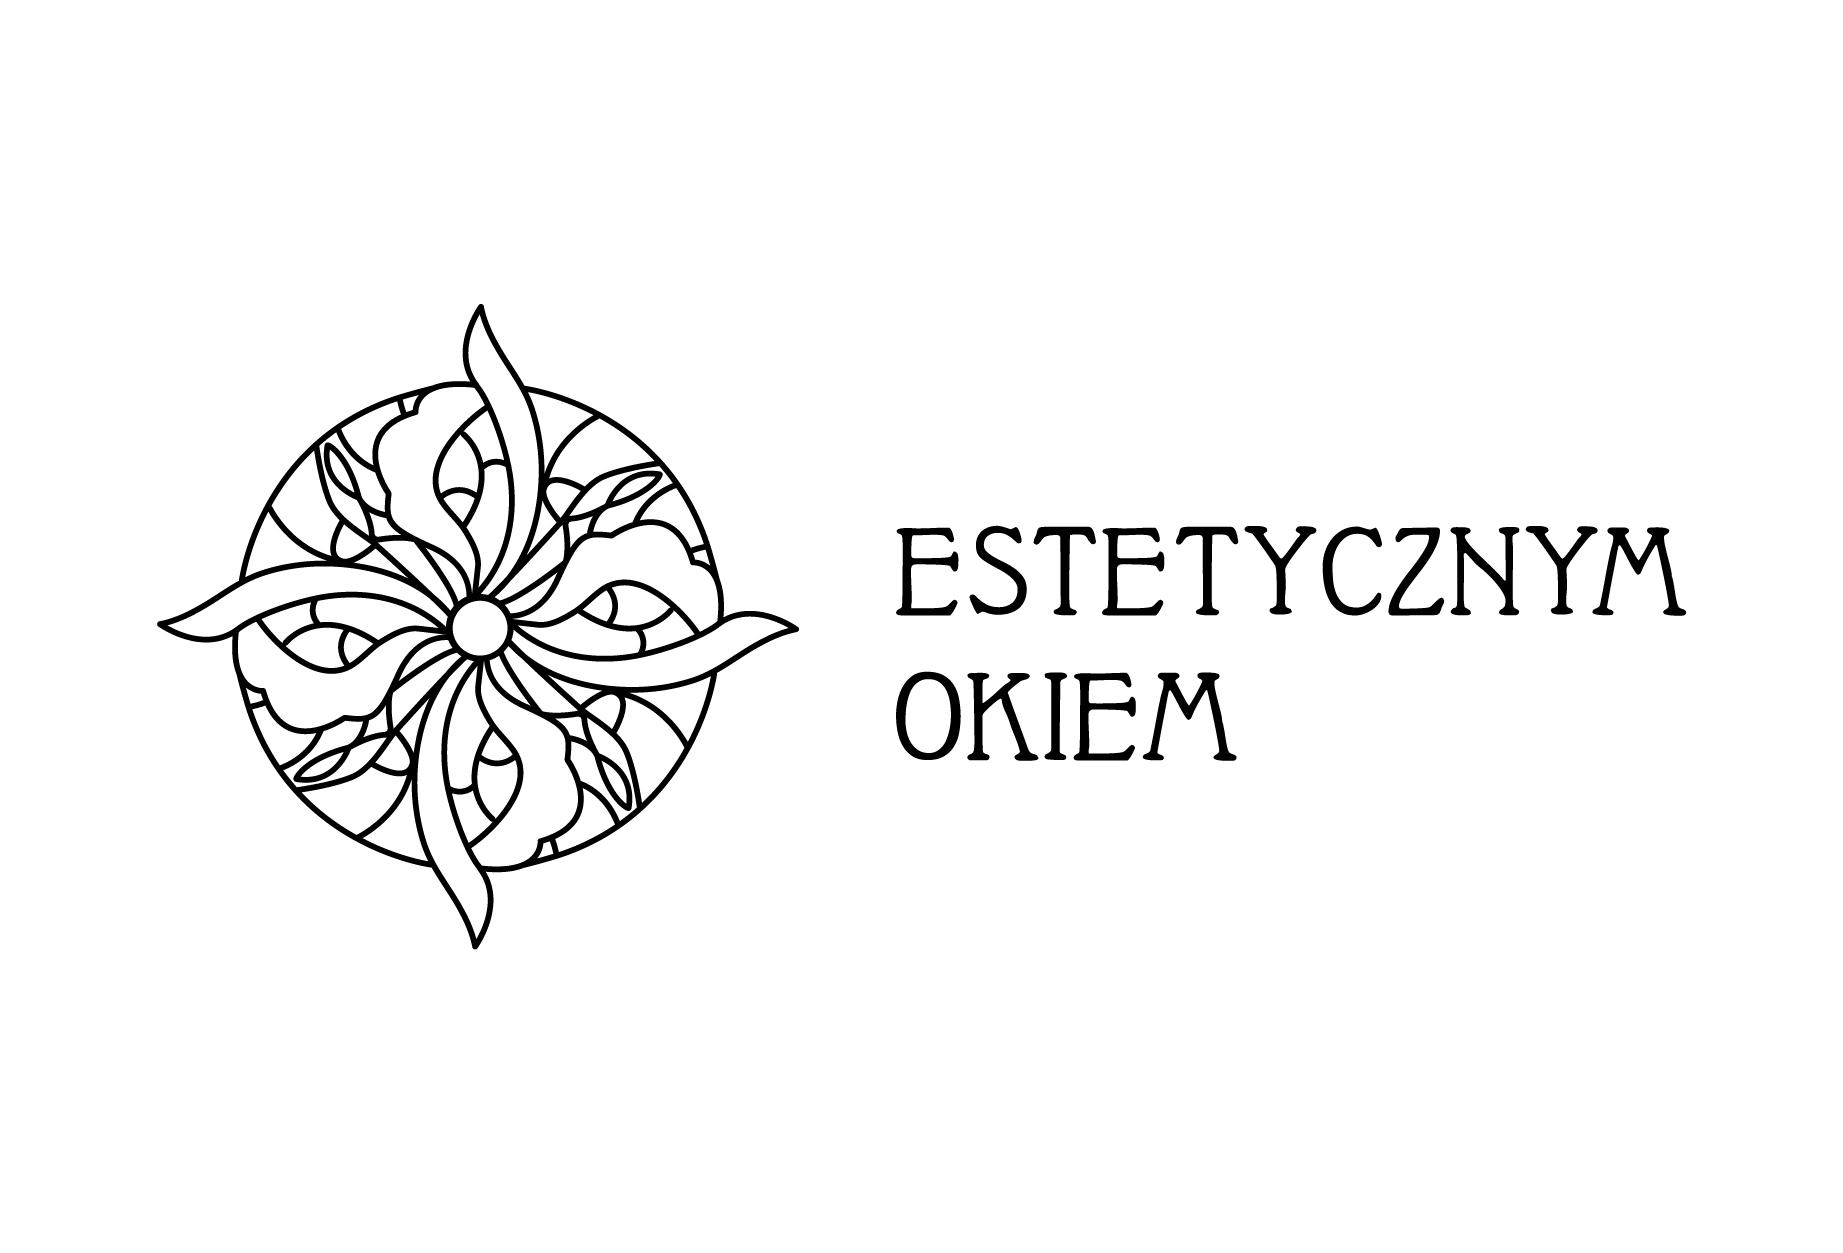 Estetycznym_Okiem_zrodlo-06.jpg